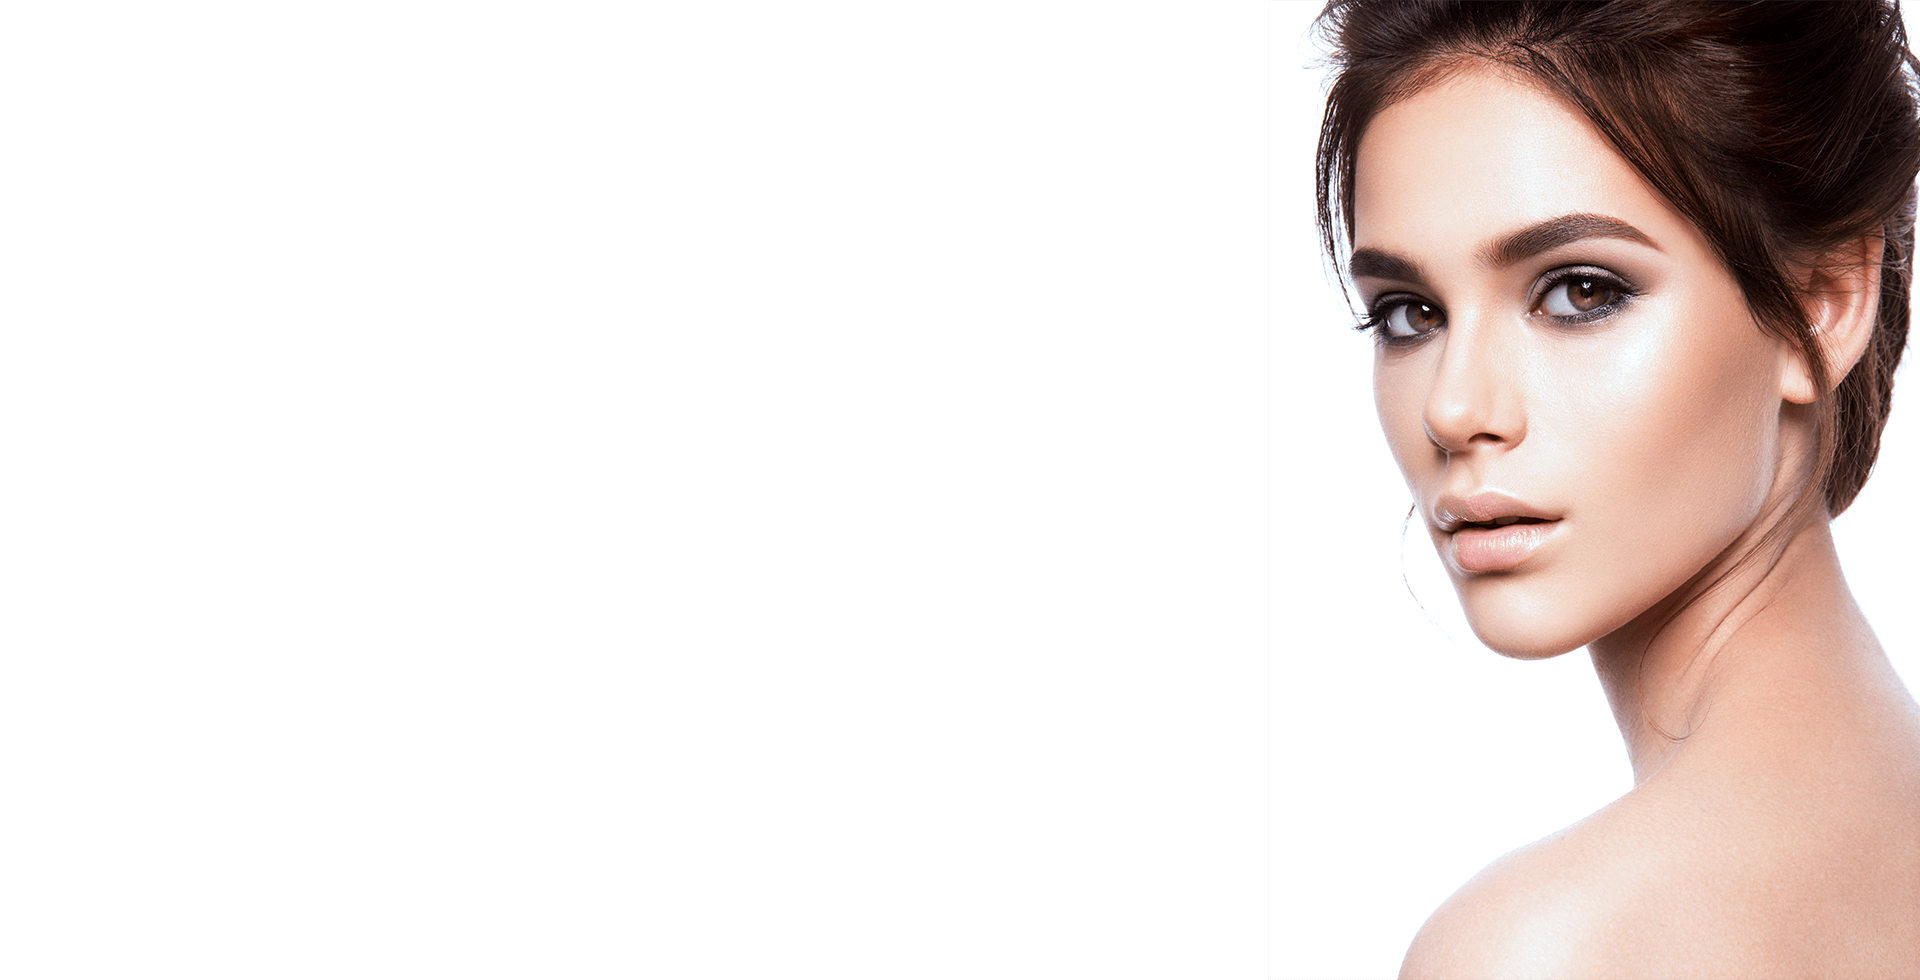 Дневной макияж для девушки